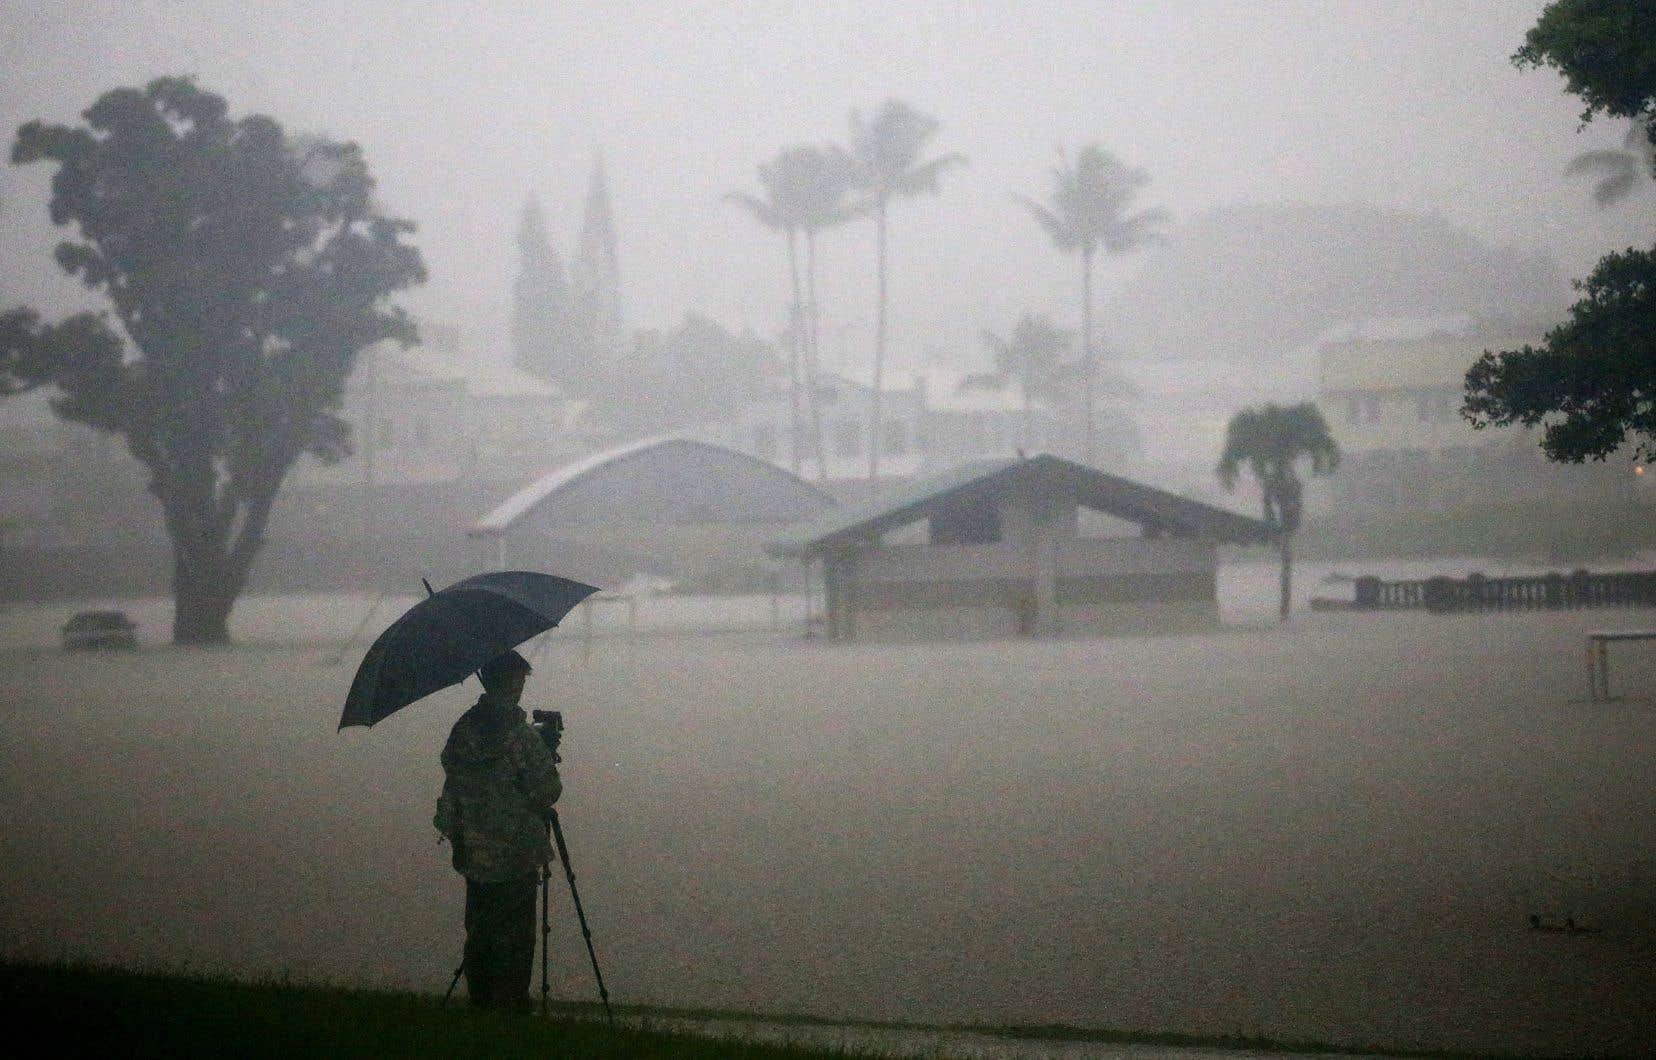 La proximité de l'ouragan se fait déjà sentir dans l'archipel américain: 30 centimètres de pluie sont déjà tombés par endroits.